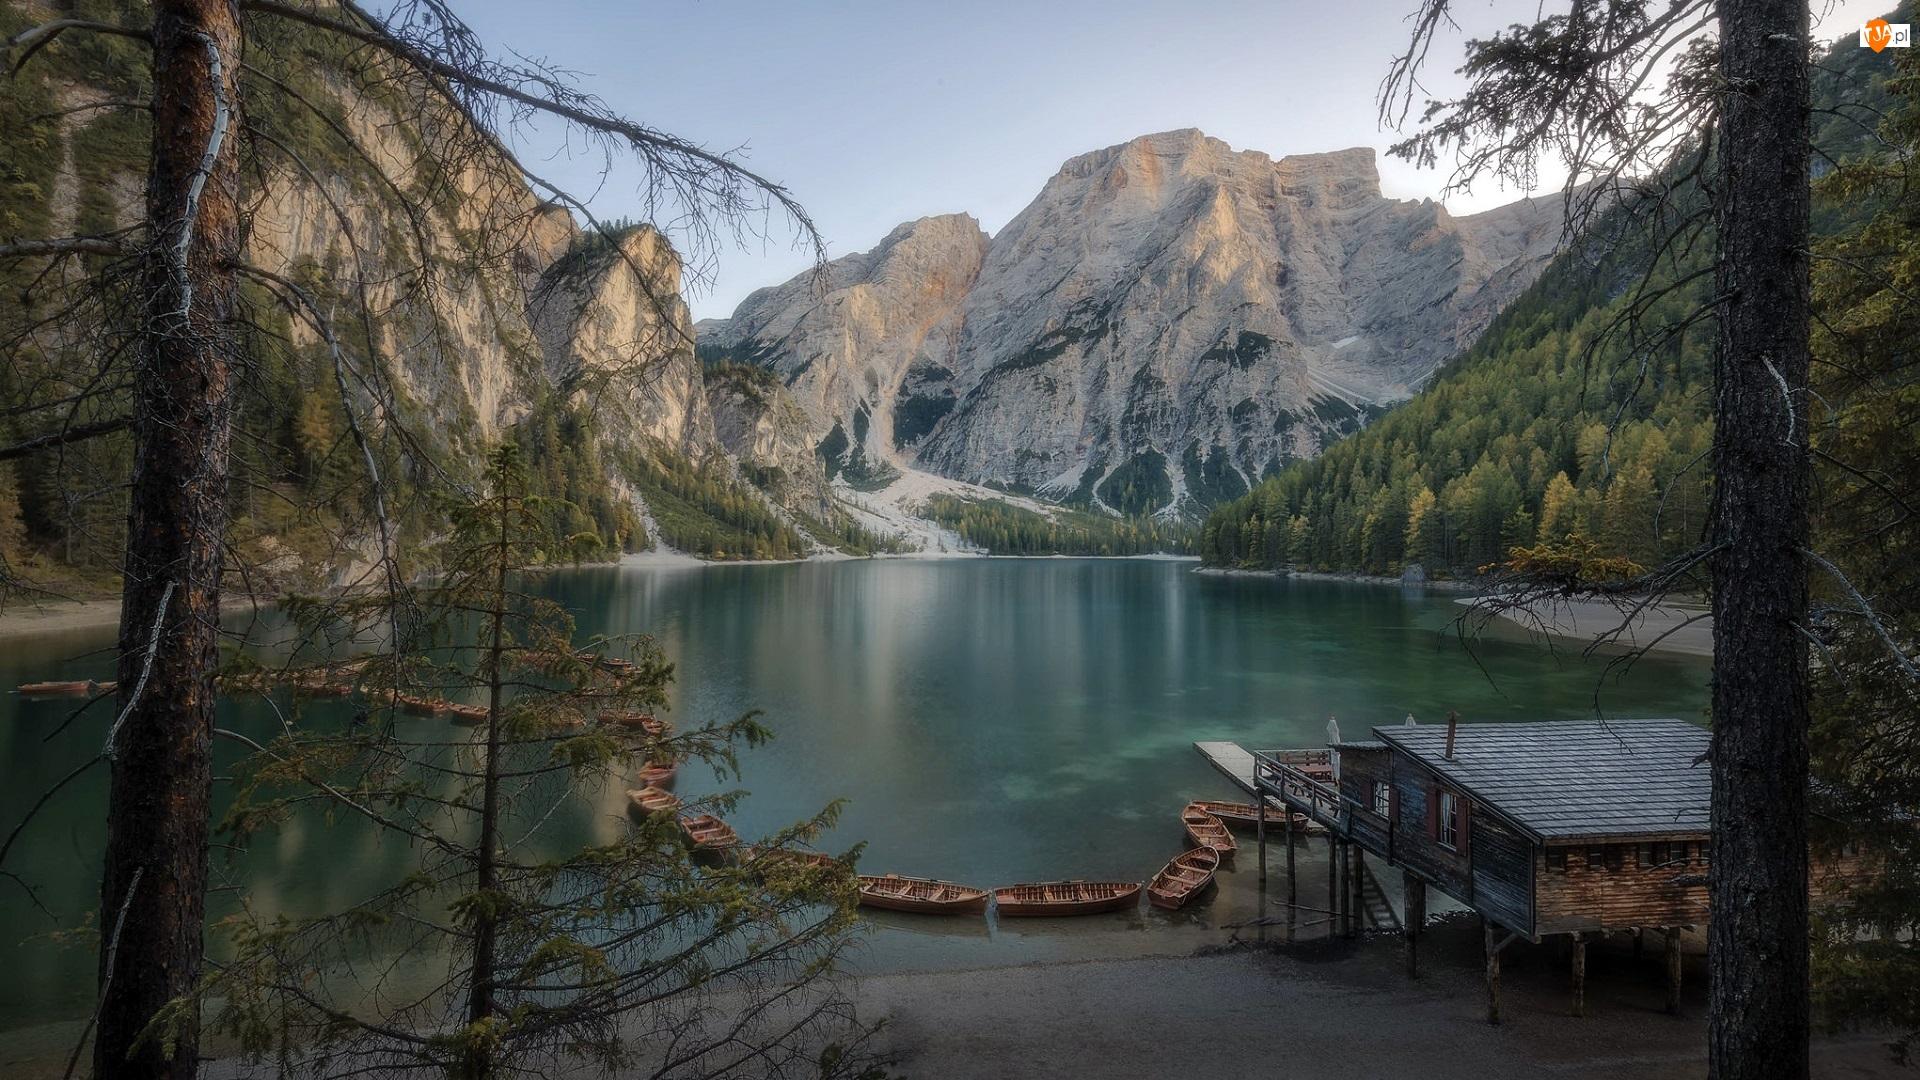 Jezioro Pragser Wildsee, Góry Dolomity, Domek, Pomost, Południowy Tyrol, Łódki, Lago di Braies, Włochy, Drewniany, Park Przyrody Fanes-Sennes-Prags, Drzewa